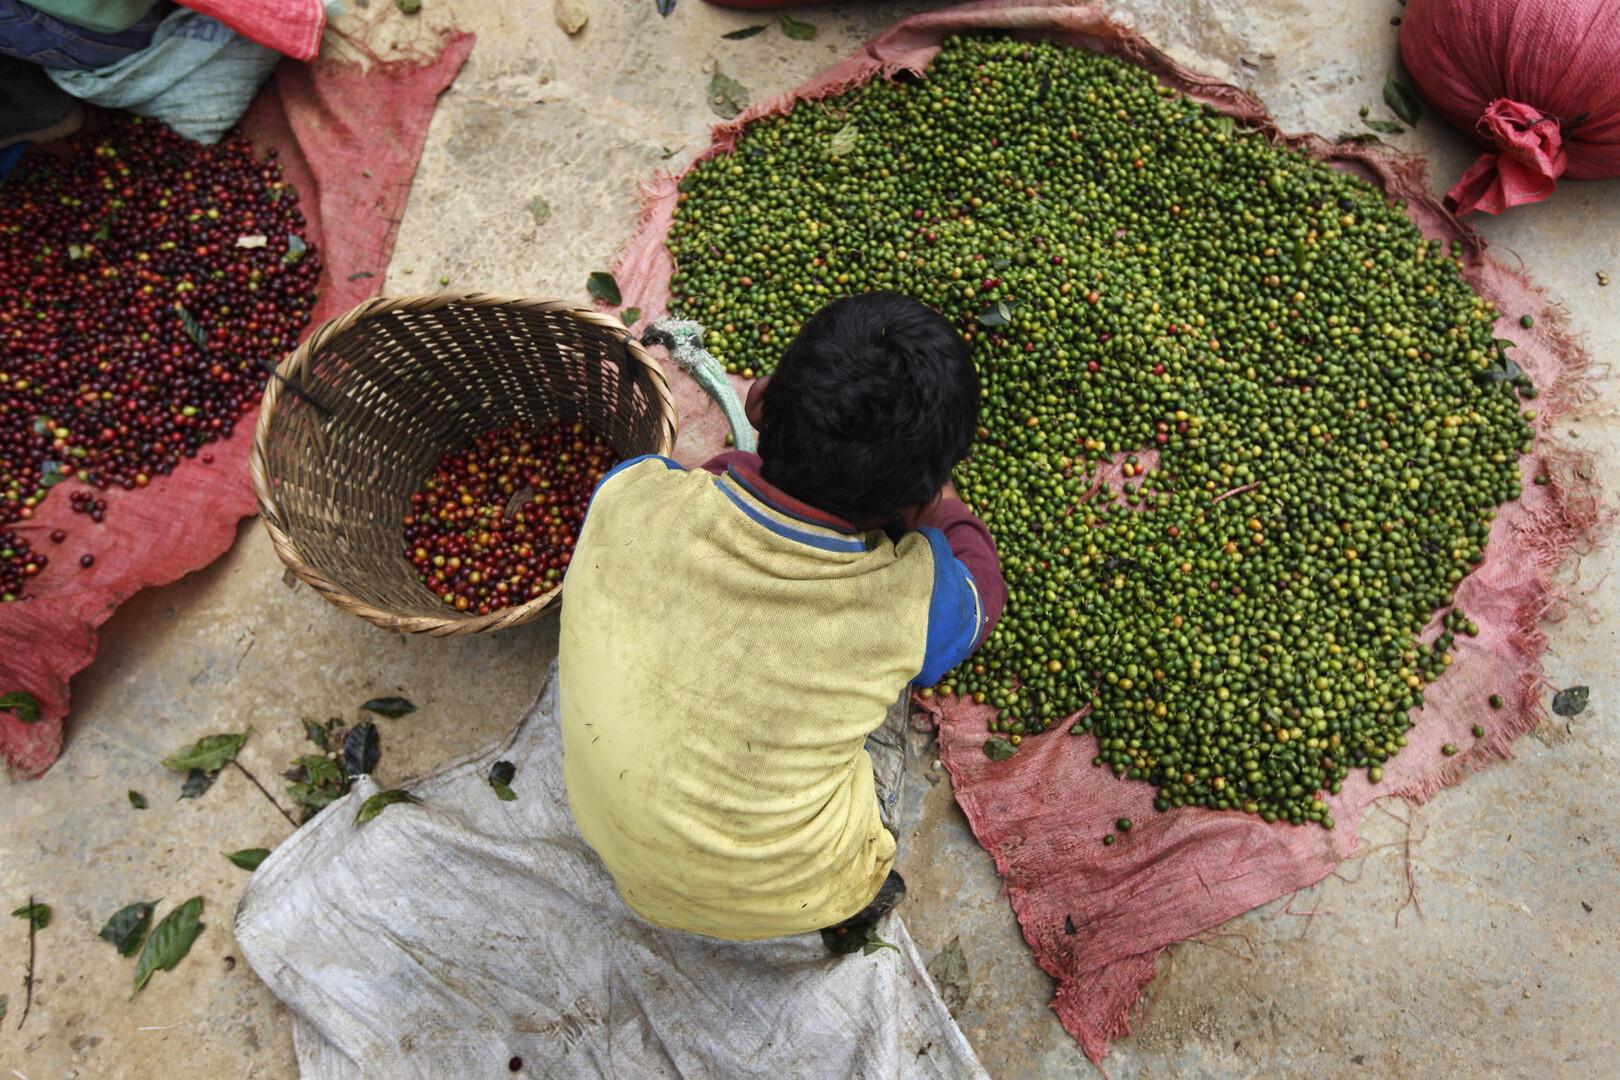 تحذيرات أممية من زيادة الجوع والفقر في أمريكا اللاتينية جراء وباء كورونا